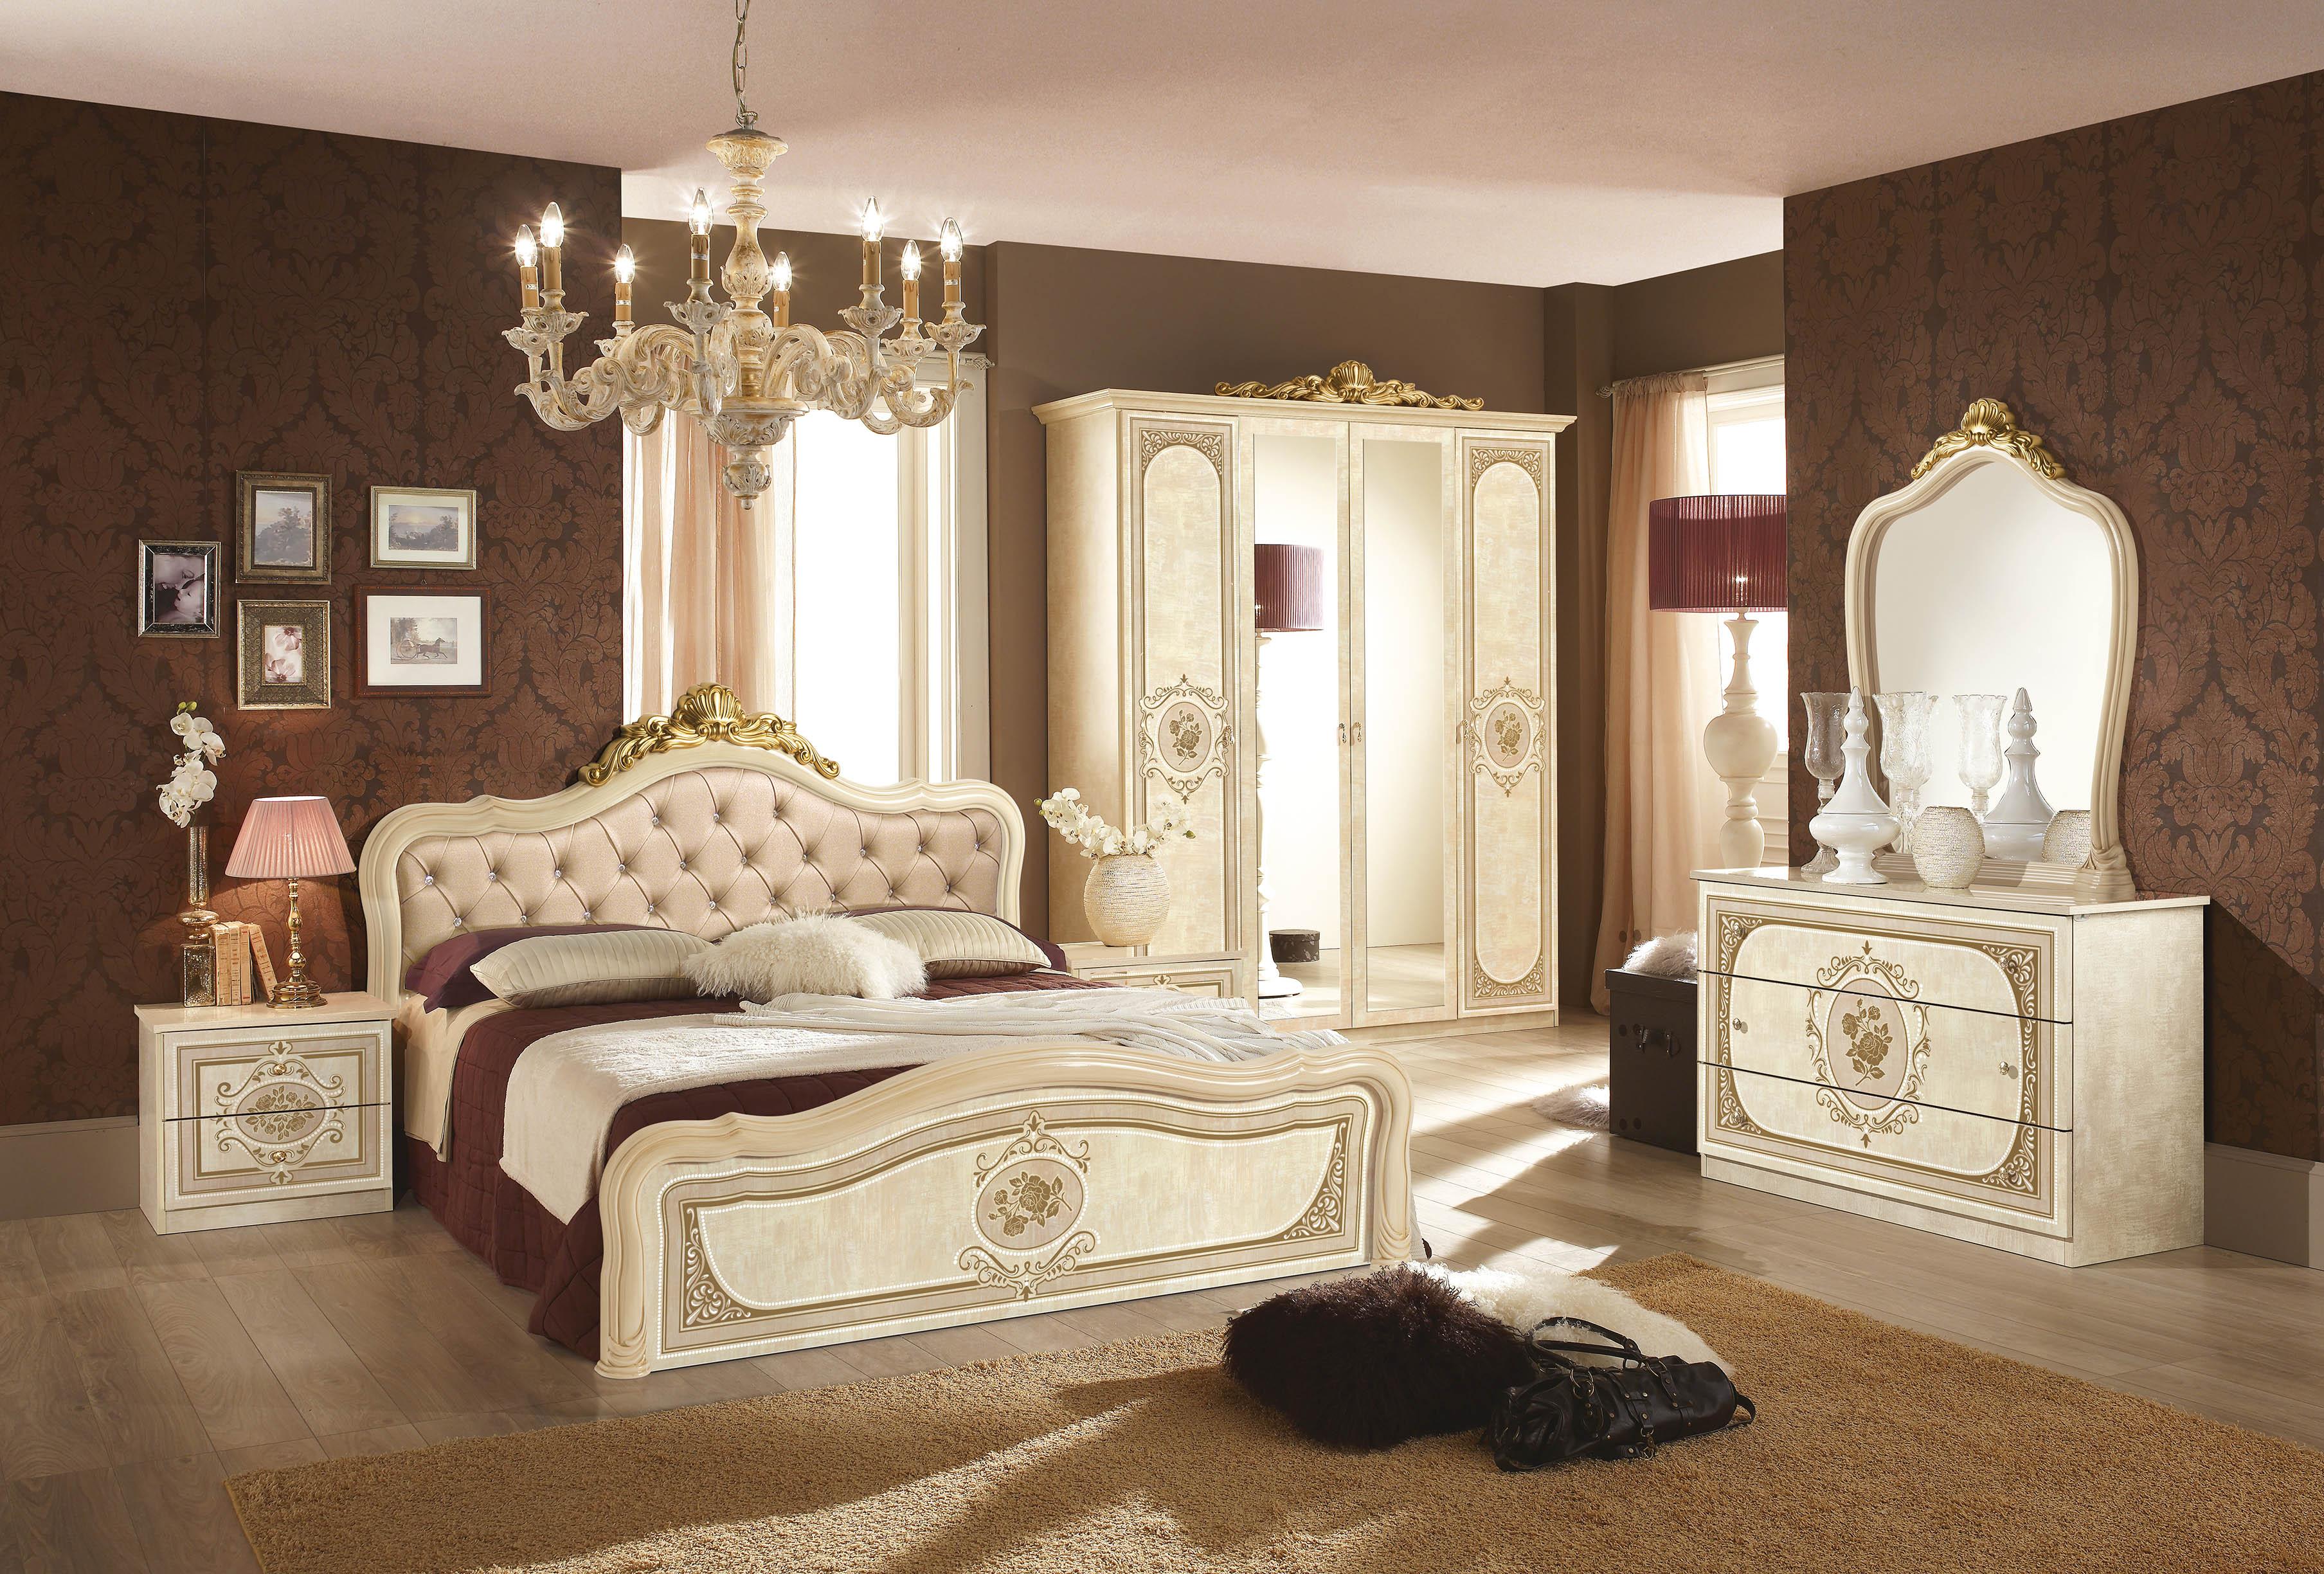 Schlafzimmer Alice In Creme Beige Barock Polsterung 180x200cm 1 ...